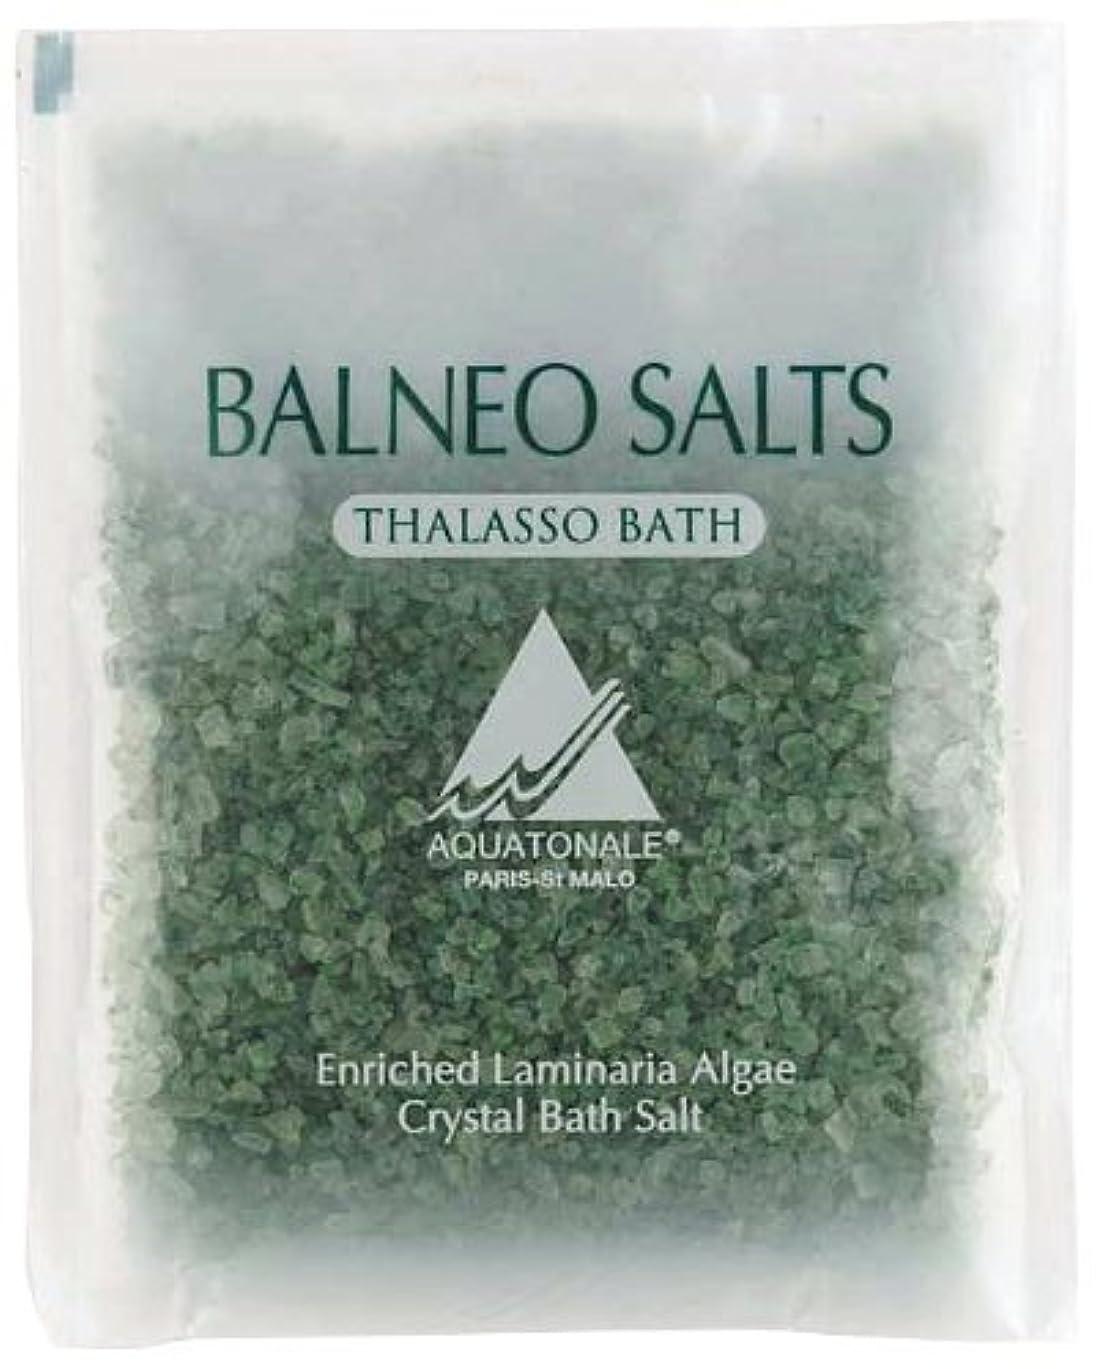 鷲不規則性恵み紀陽除虫菊 入浴剤 アクアトナル バルネオソルト